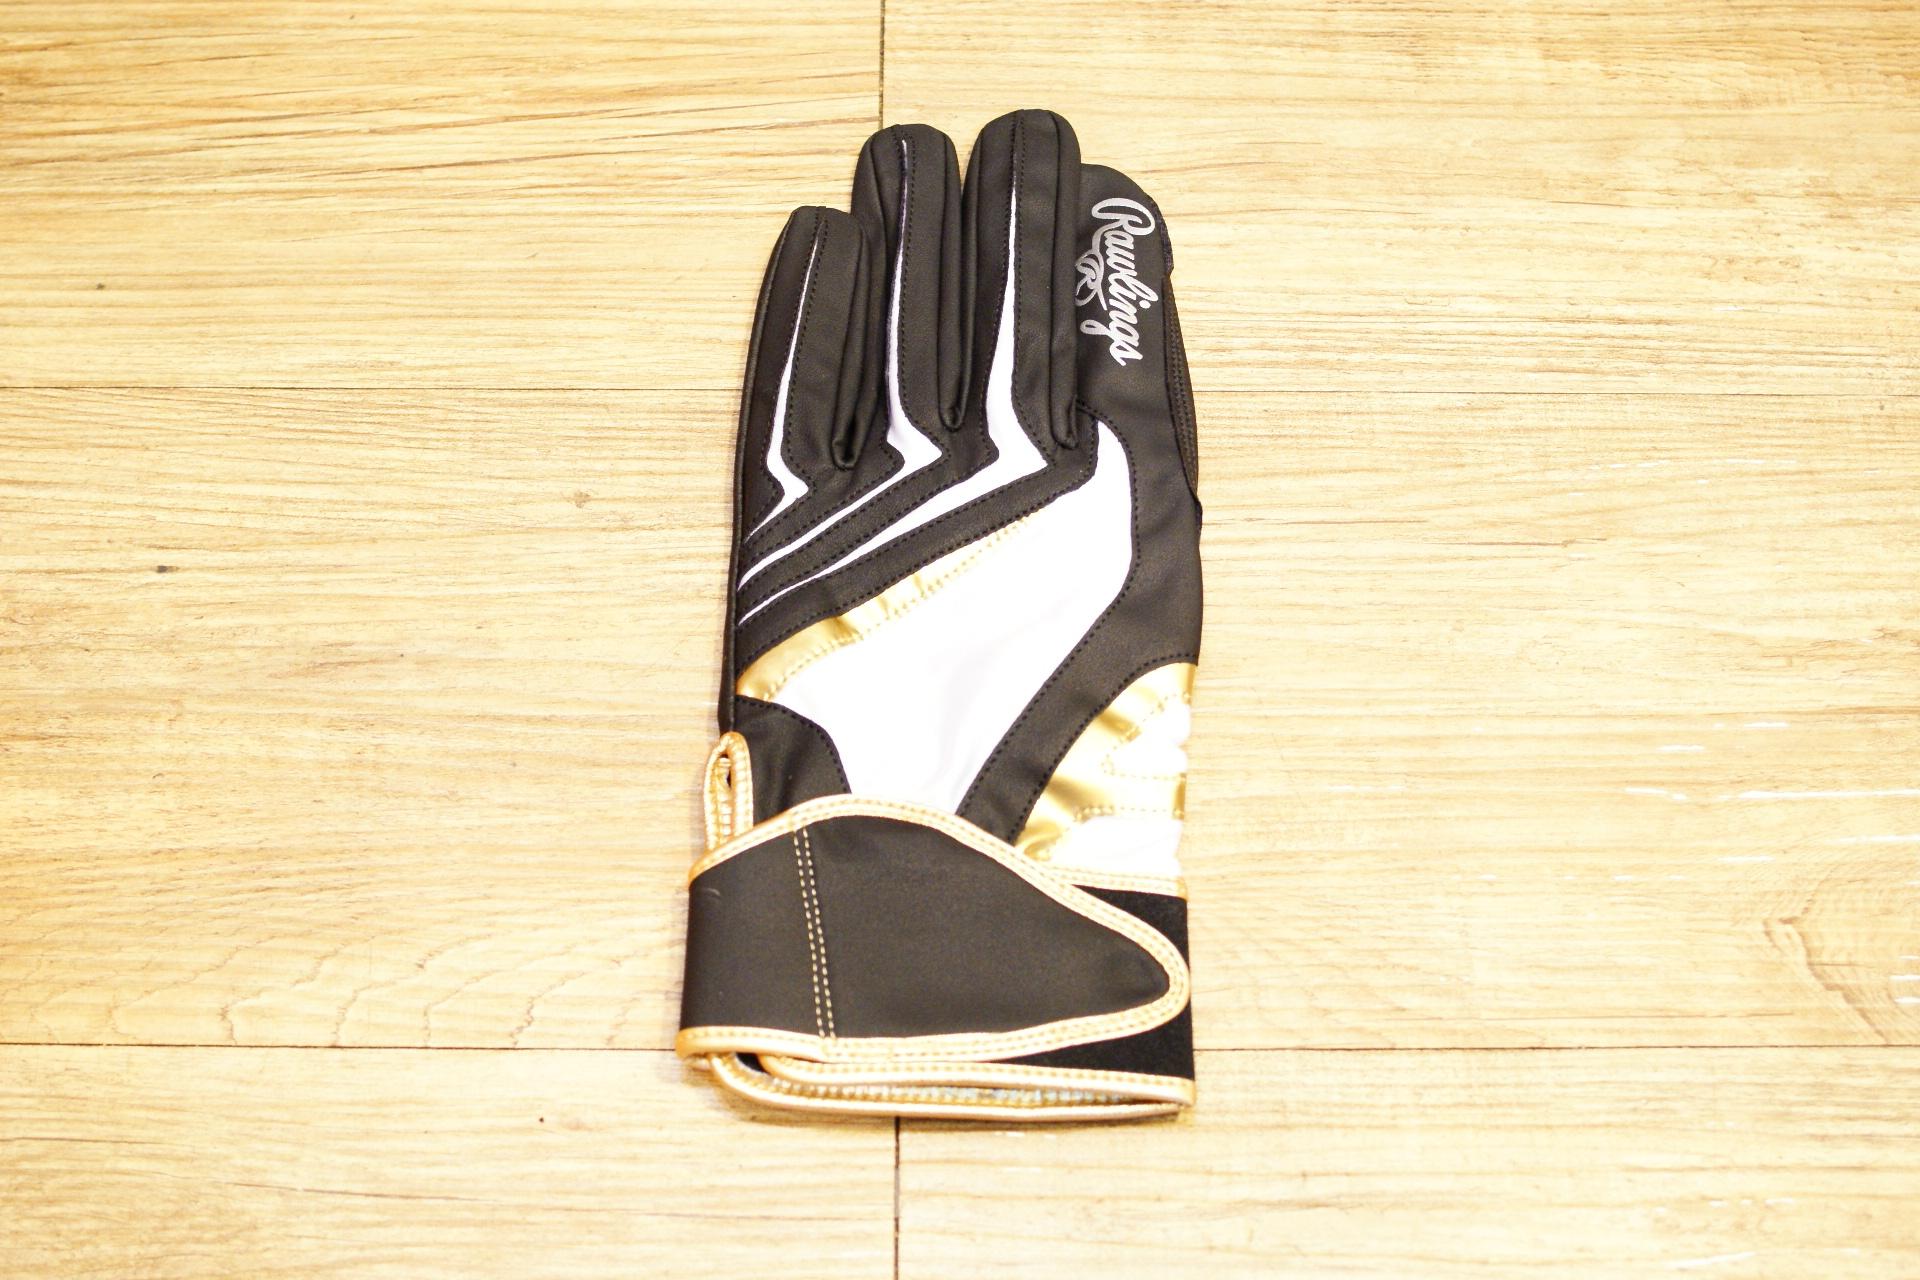 棒球世界全新日本進口Rawlings 棒壘球用守備手套 特價黑底